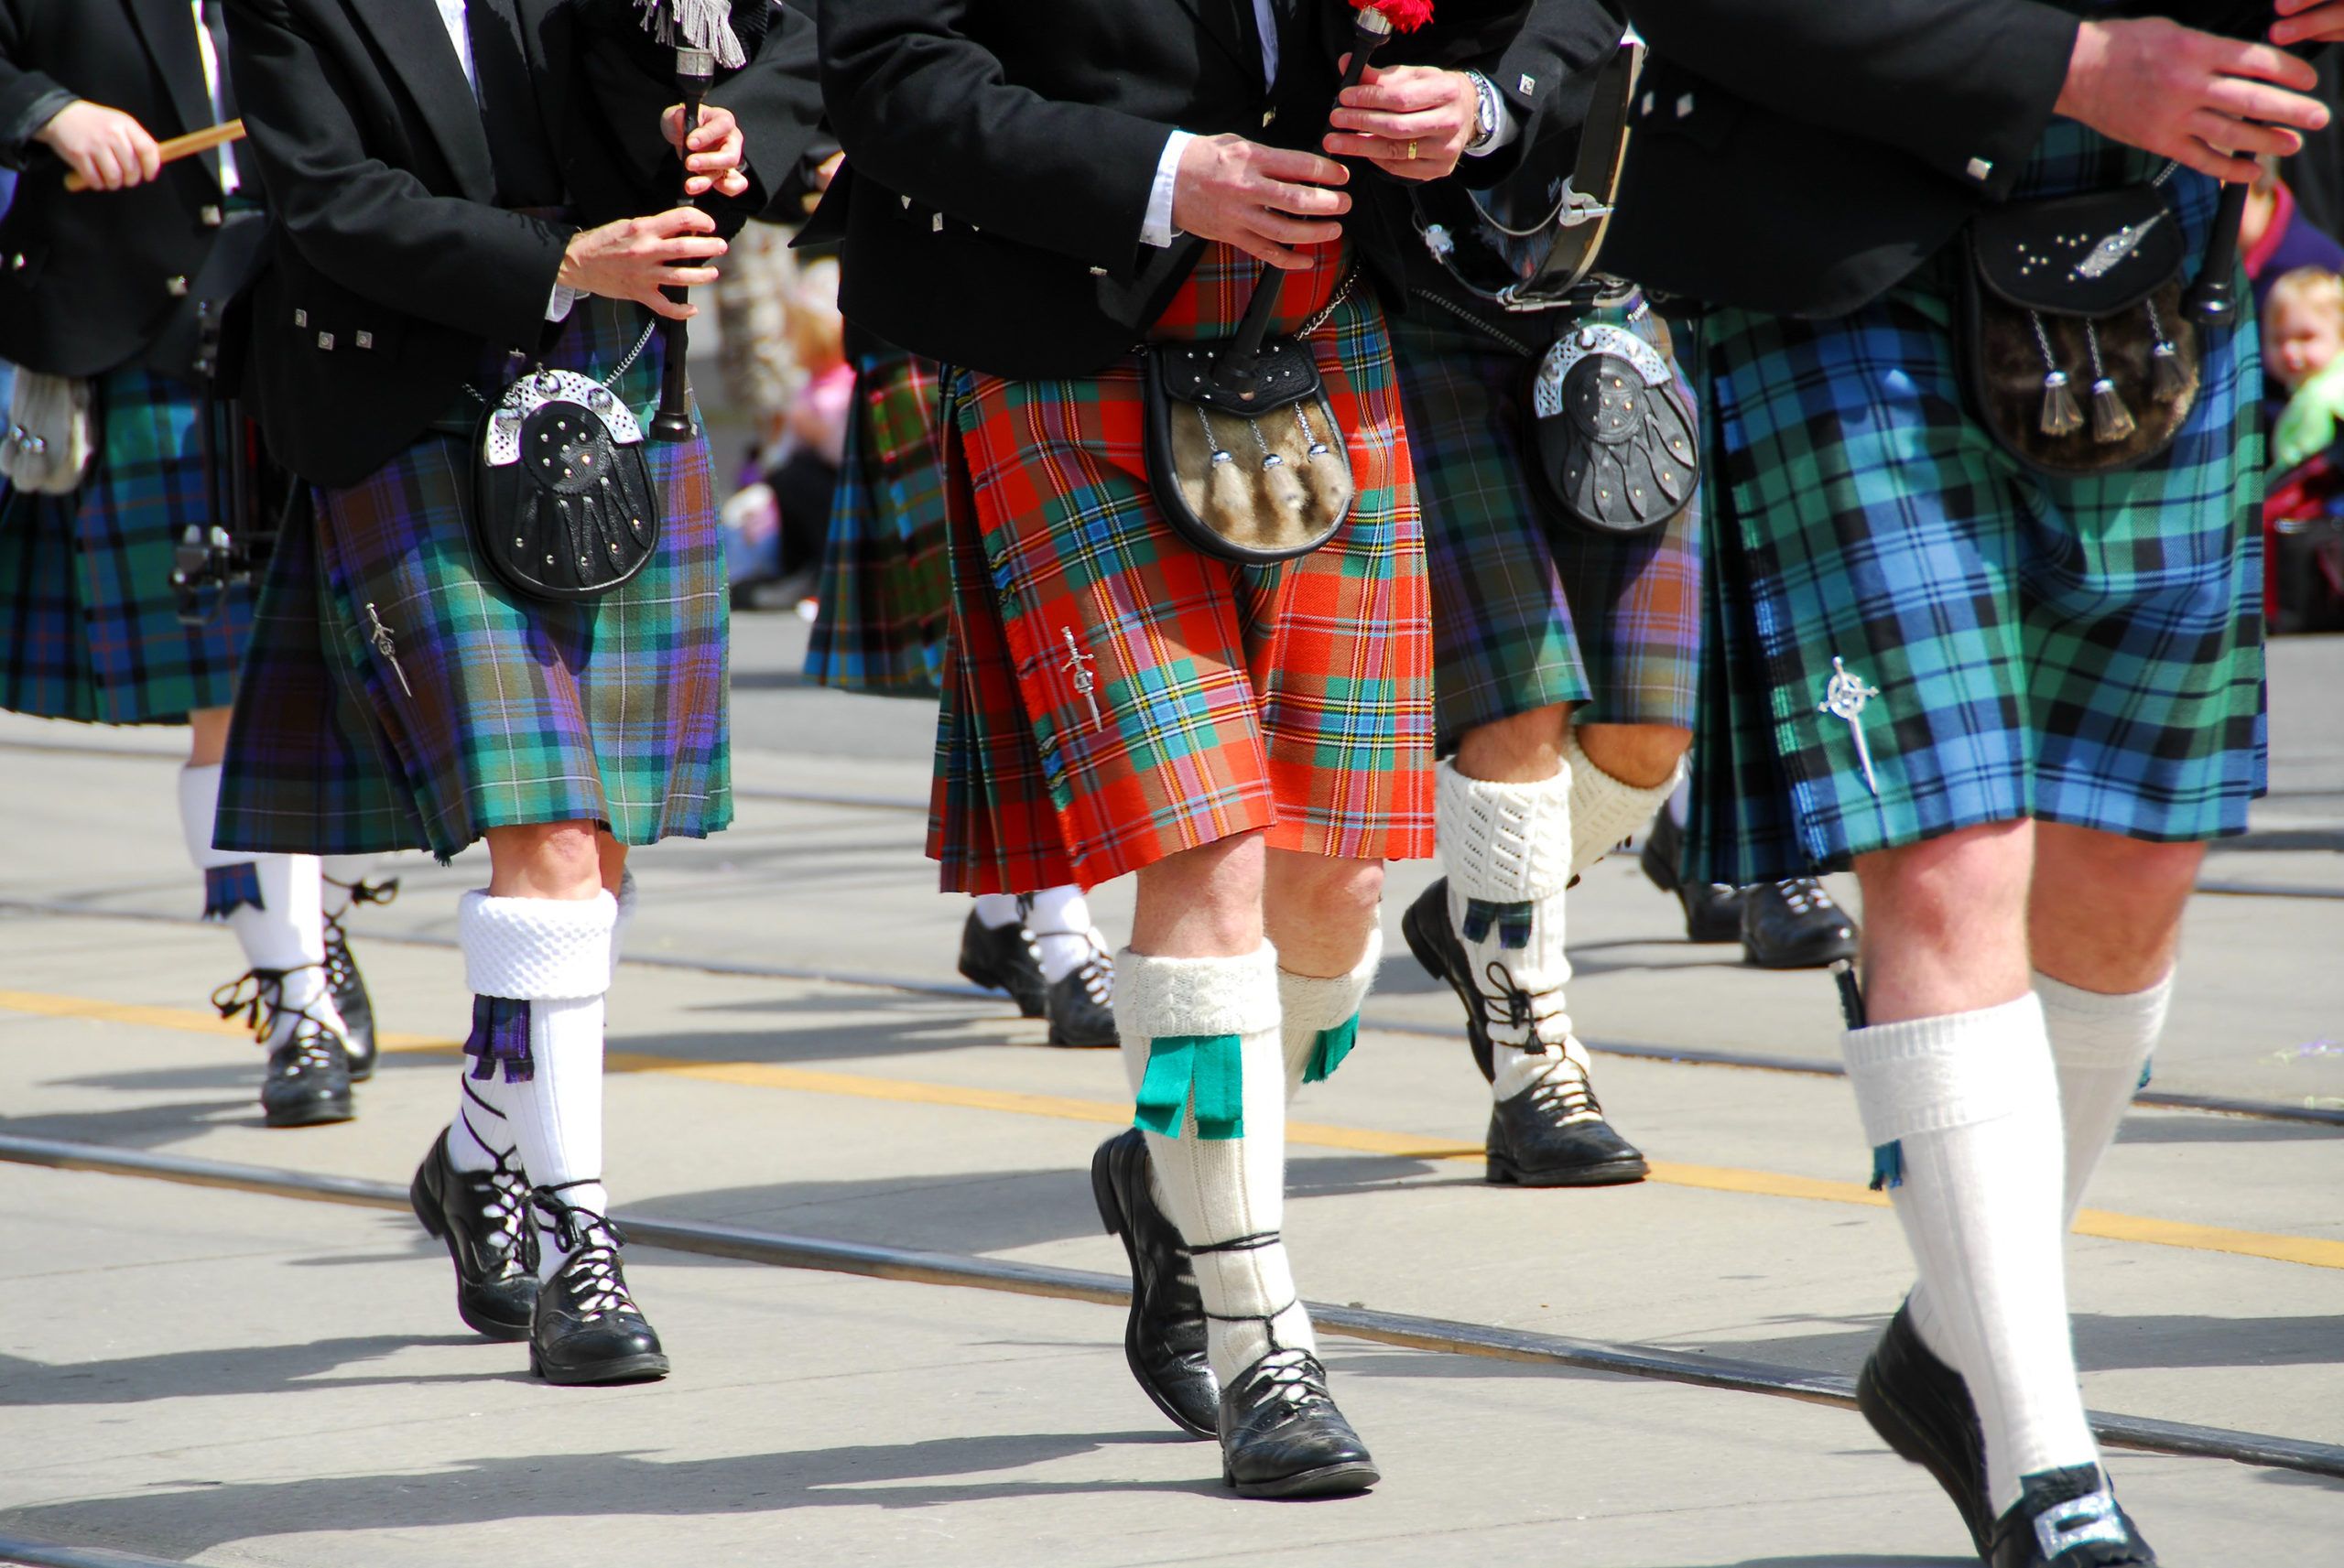 Scottish marching band at city parade